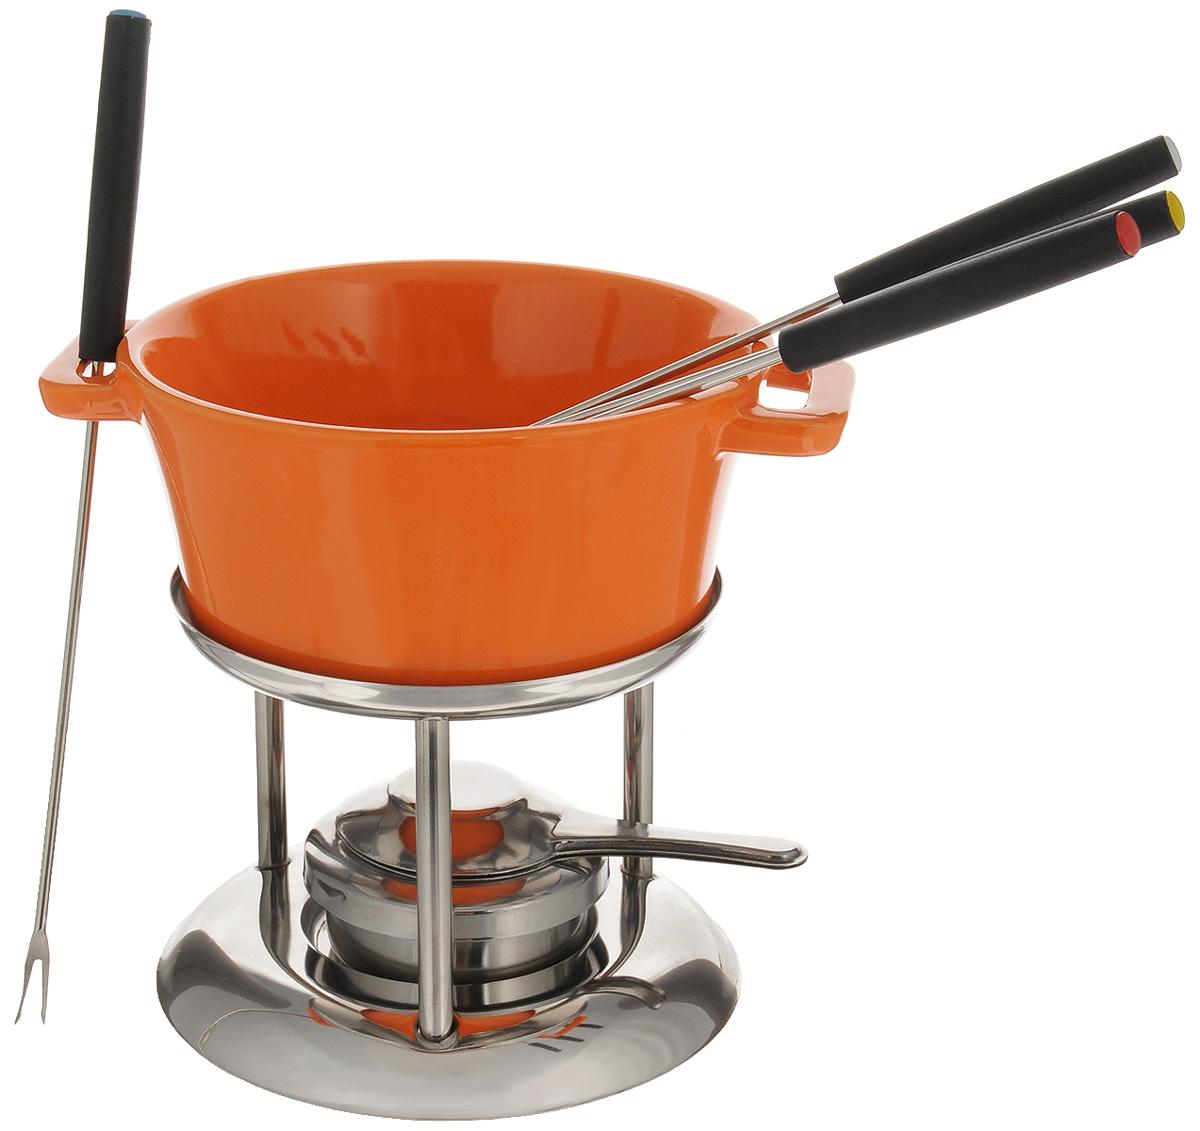 Набор для фондю Mayer & Boch, цвет: оранжевый, стальной, 7 предметов21642_оранжевый, стальнойНабор для фондю Mayer & Boch имеет красивый и современный дизайн. Он прекрасно будет смотреться на столе и придаст вашему празднику, коктейльной вечеринке или интимному ужину праздничное настроение. Этот универсальный набор позволит каждому из ваших гостей насладиться тем продуктом, который им нравится больше всего, а также каждому предоставит возможность побыть своим личным шеф-поваром. Вы получите огромное удовольствие при приготовлении продуктов с помощью набора для фондю в любое время.Состав набора:Чаша. Подставка. 4 вилки.Стойка с подсвечником.Объем чаши: 600 мл.Диаметр чаши (по верхнему краю): 15 см.Высота чаши: 7 см.Длина вилок: 23 см.Диаметр подставки: 14,5 см.Высота подставки: 10,5 см.